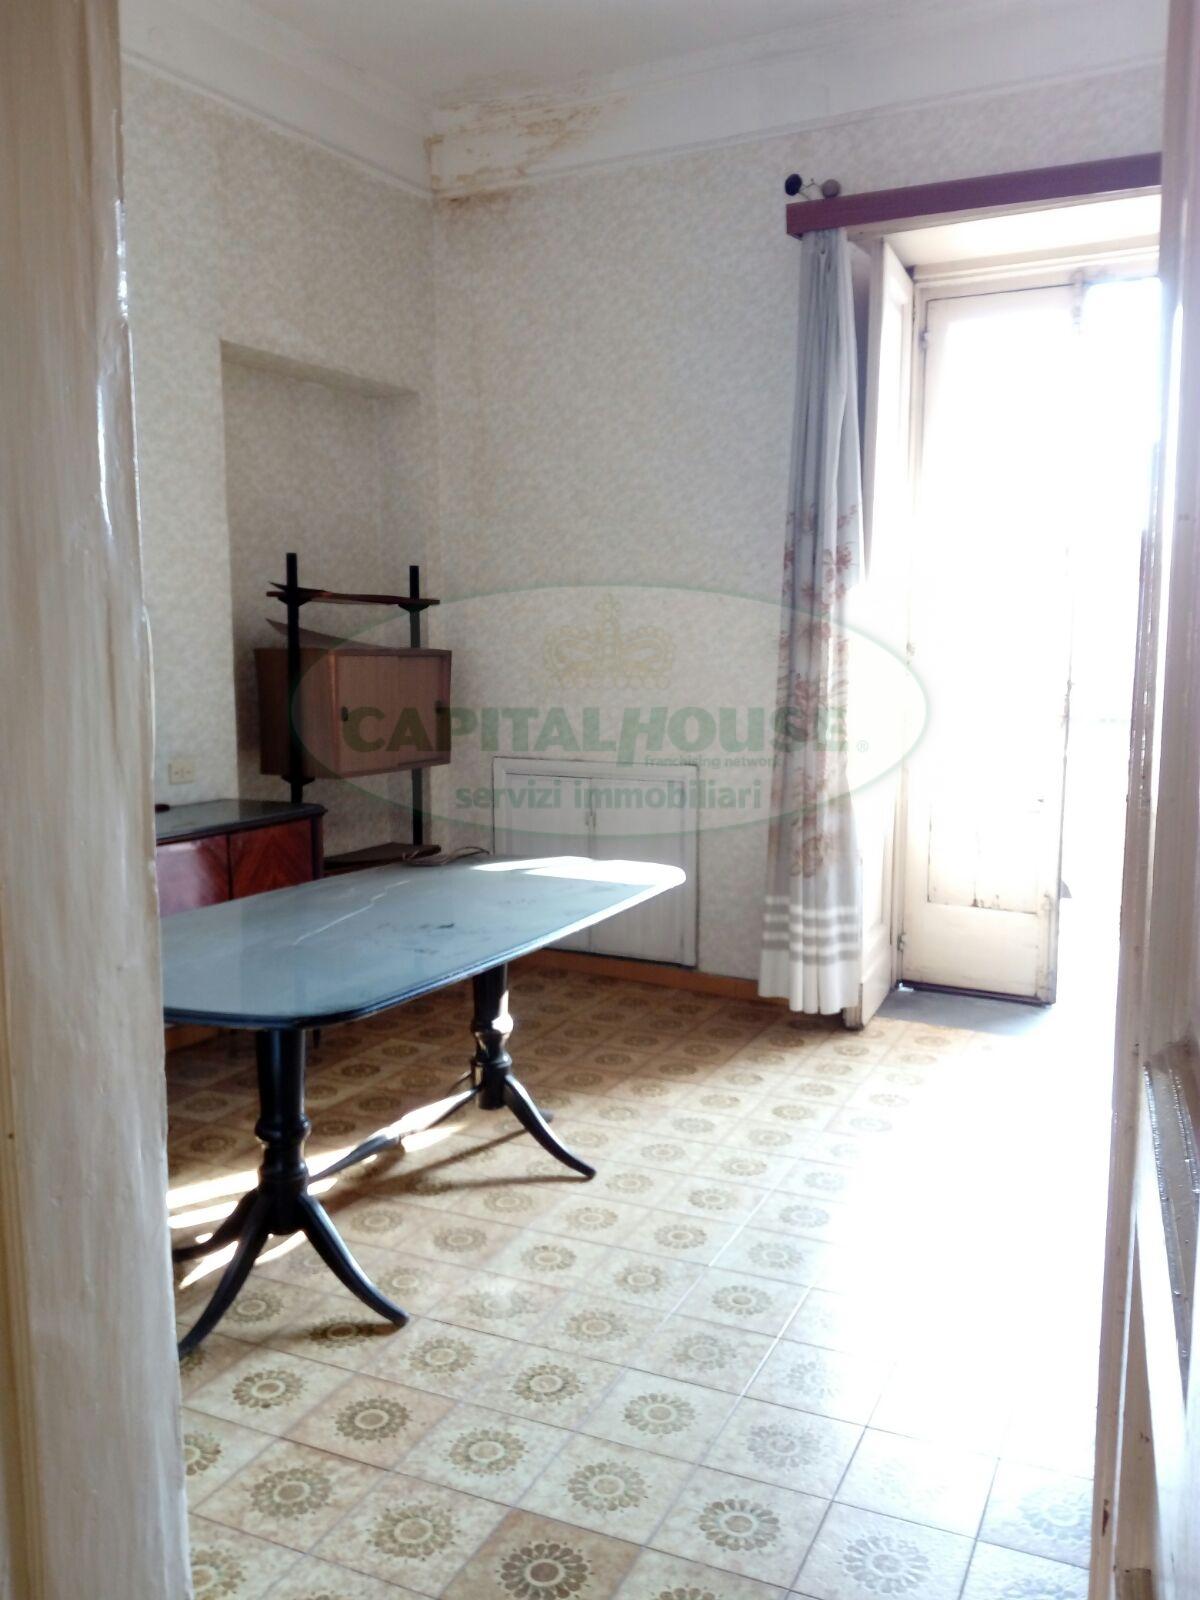 Appartamento in vendita a San Tammaro, 2 locali, prezzo € 20.000 | Cambio Casa.it